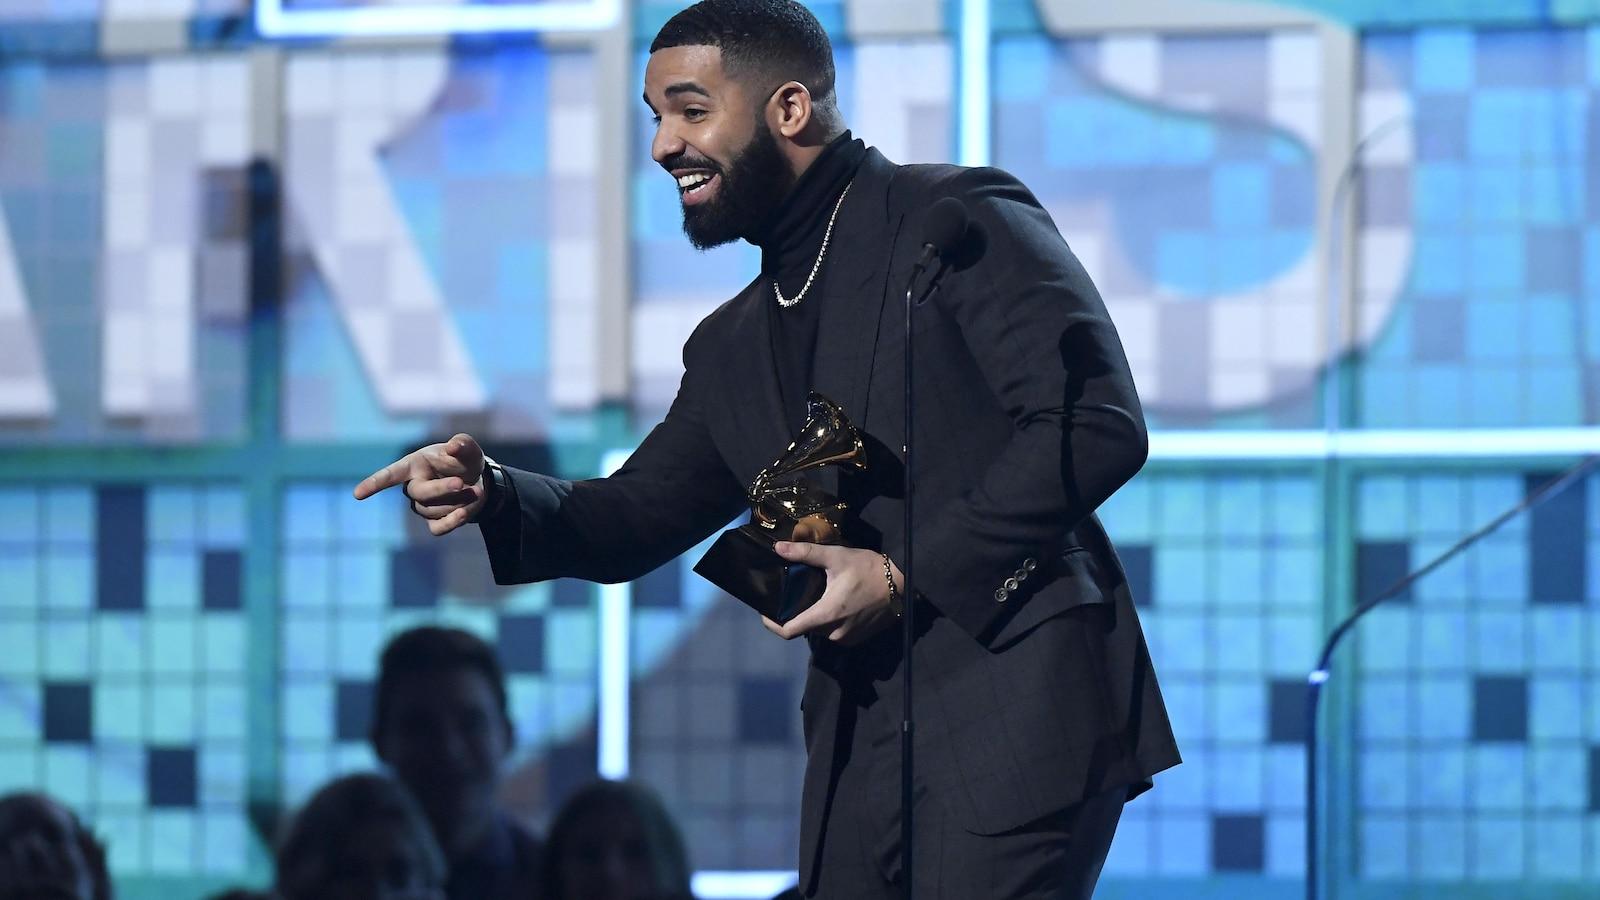 Drake tient un trophée en forme de gramophone dans ses mains.